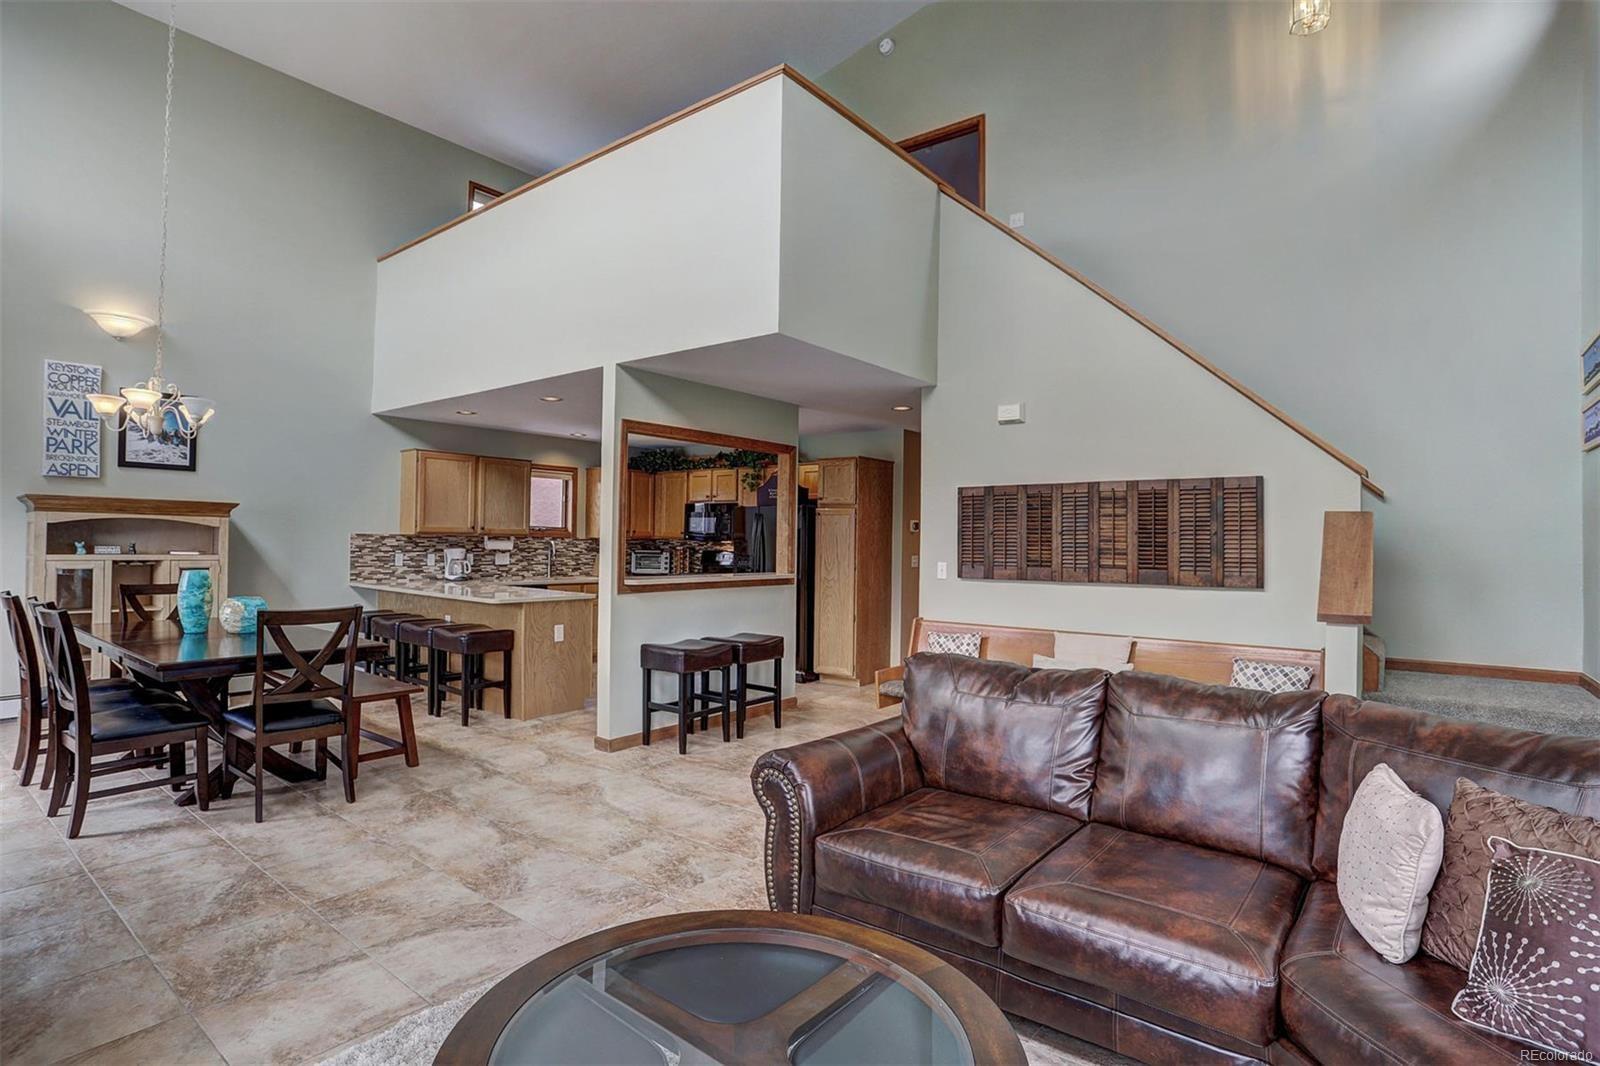 MLS# 6560106 - 5 - 1105 Mesa Drive, Silverthorne, CO 80498